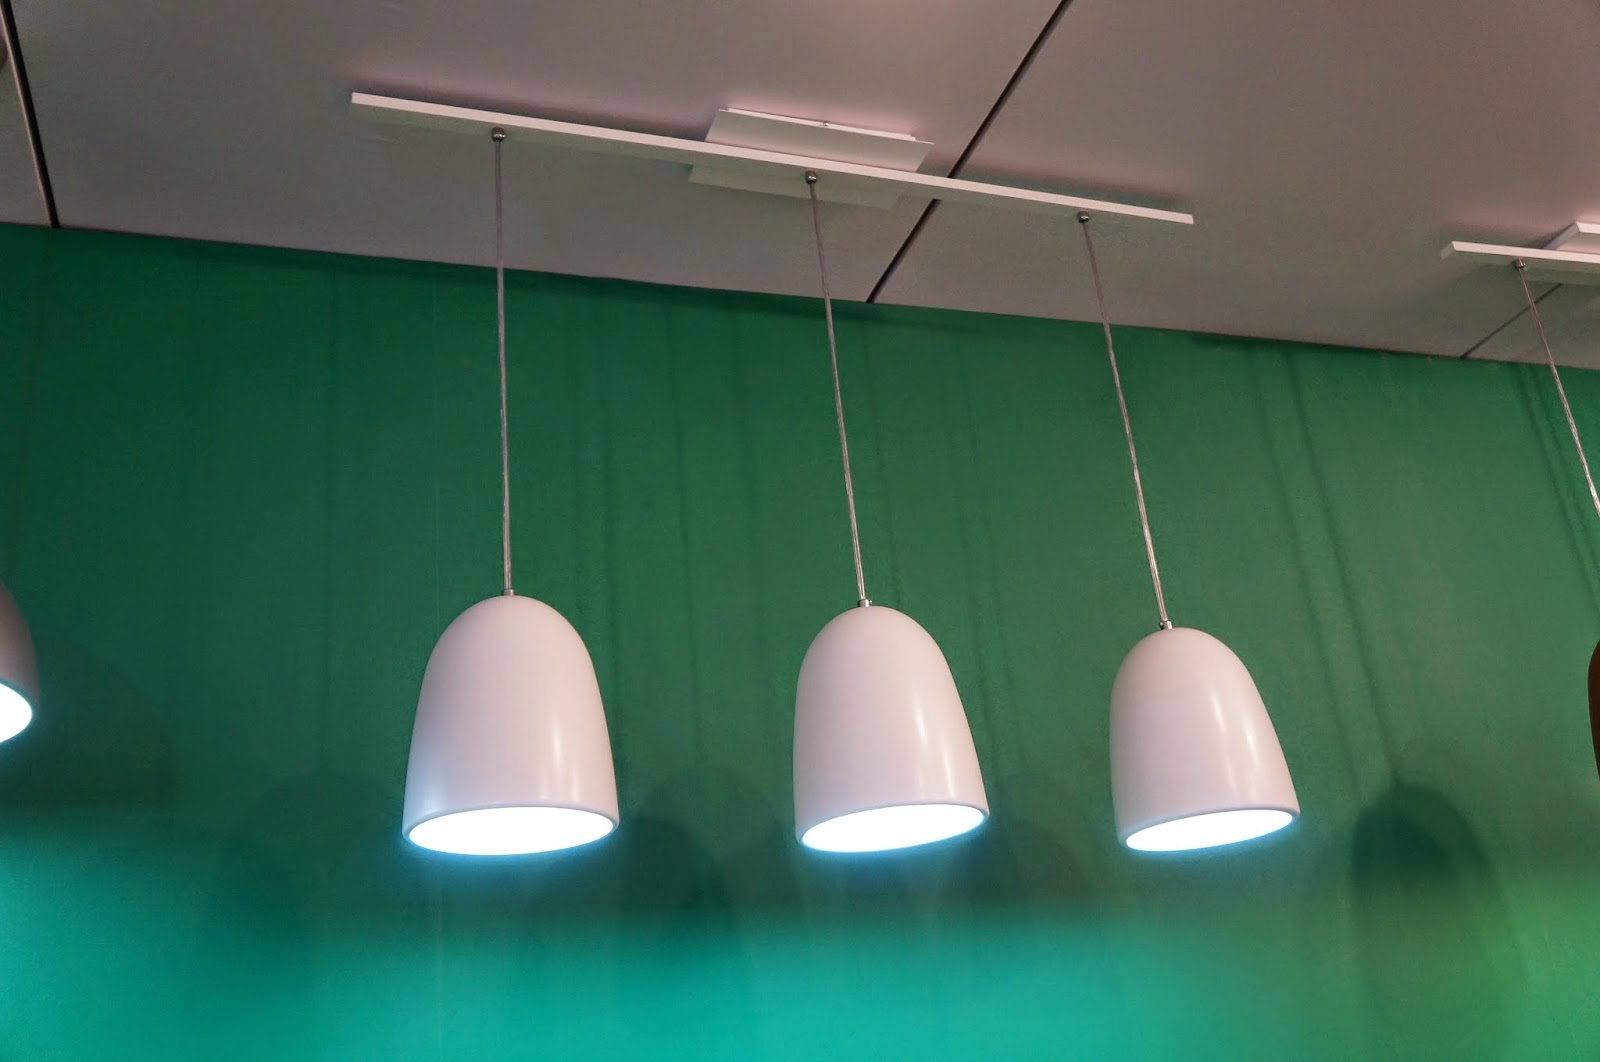 trio de luminárias brancas - Adimar Iluminação - Expolux 2014